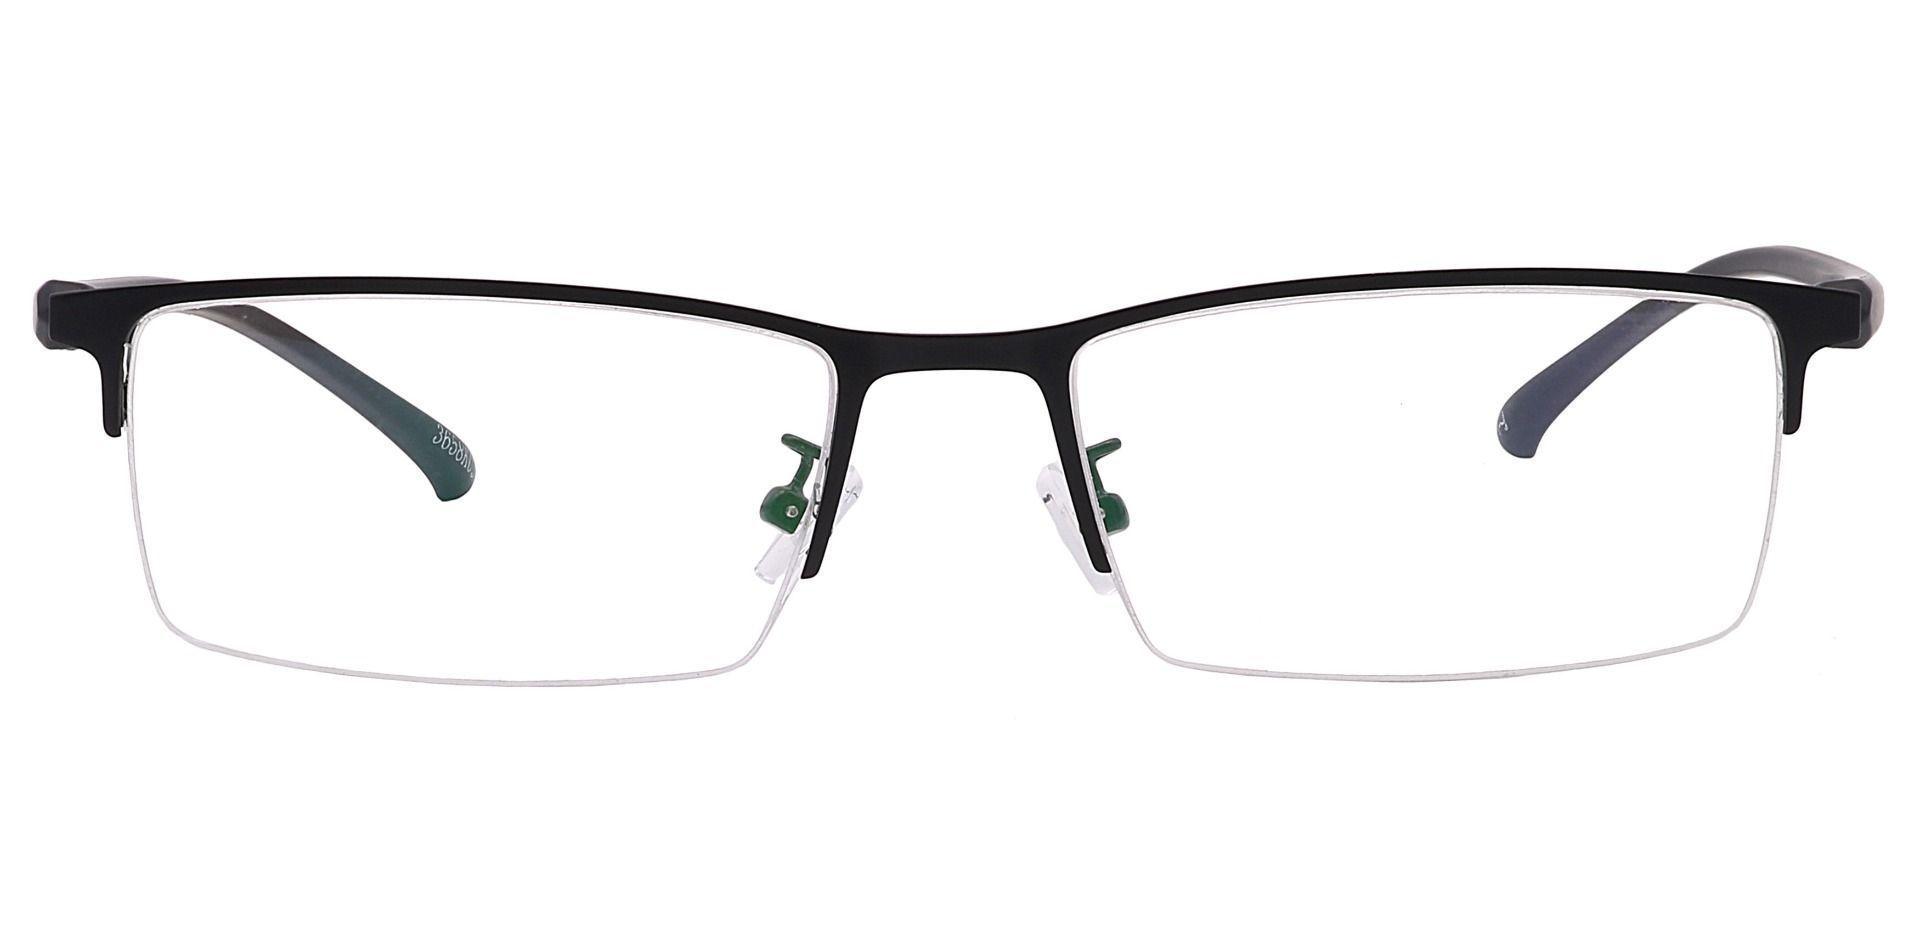 Tampa Rectangle Prescription Glasses - Black